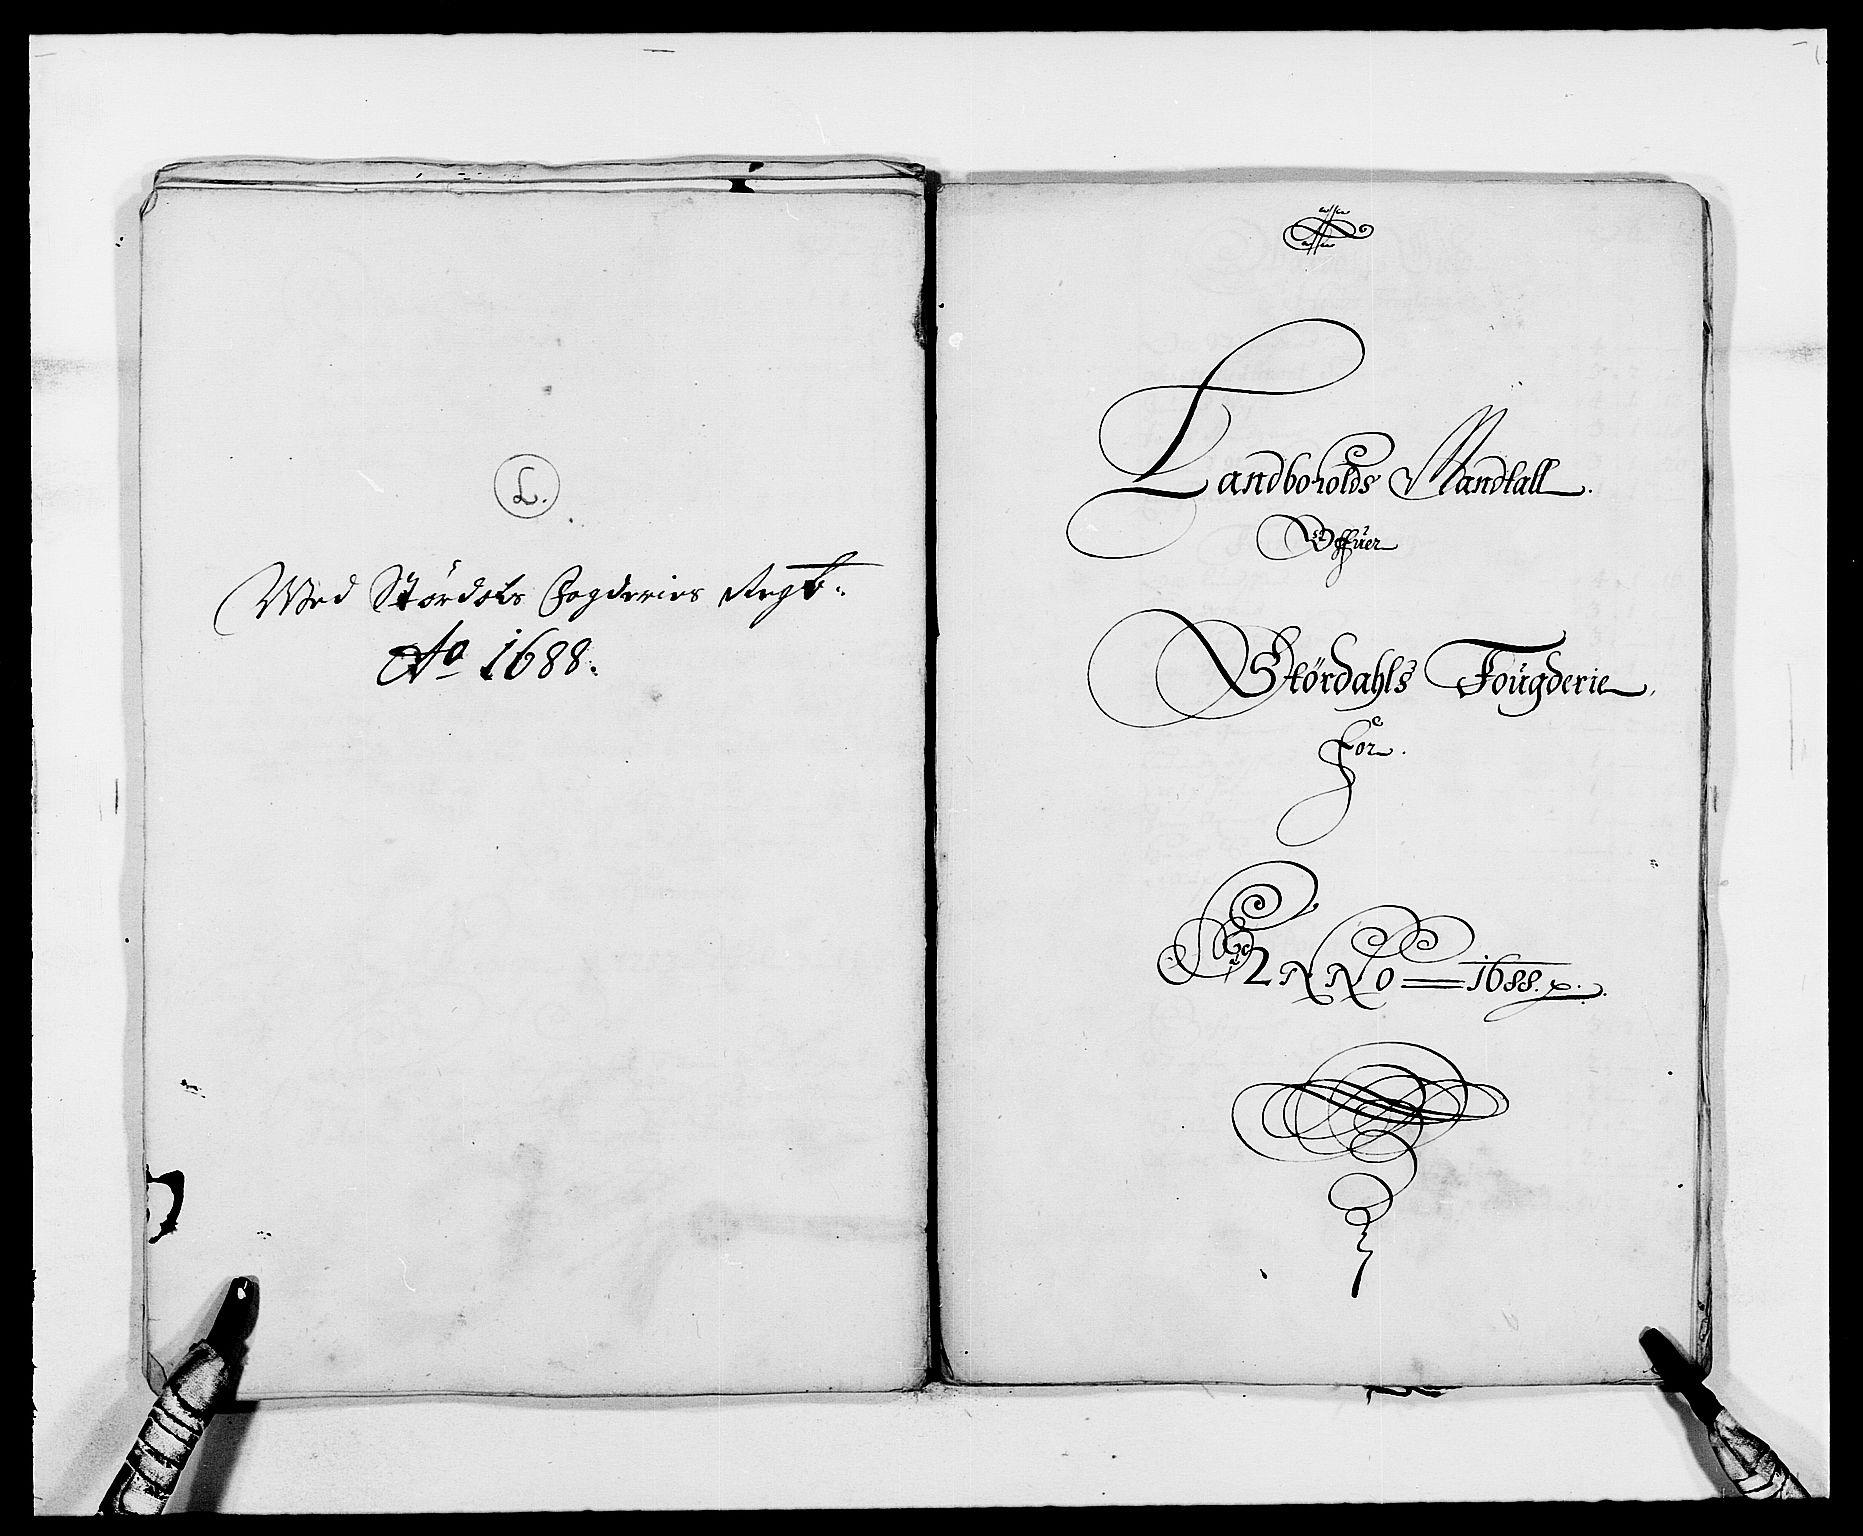 RA, Rentekammeret inntil 1814, Reviderte regnskaper, Fogderegnskap, R62/L4183: Fogderegnskap Stjørdal og Verdal, 1687-1689, s. 252